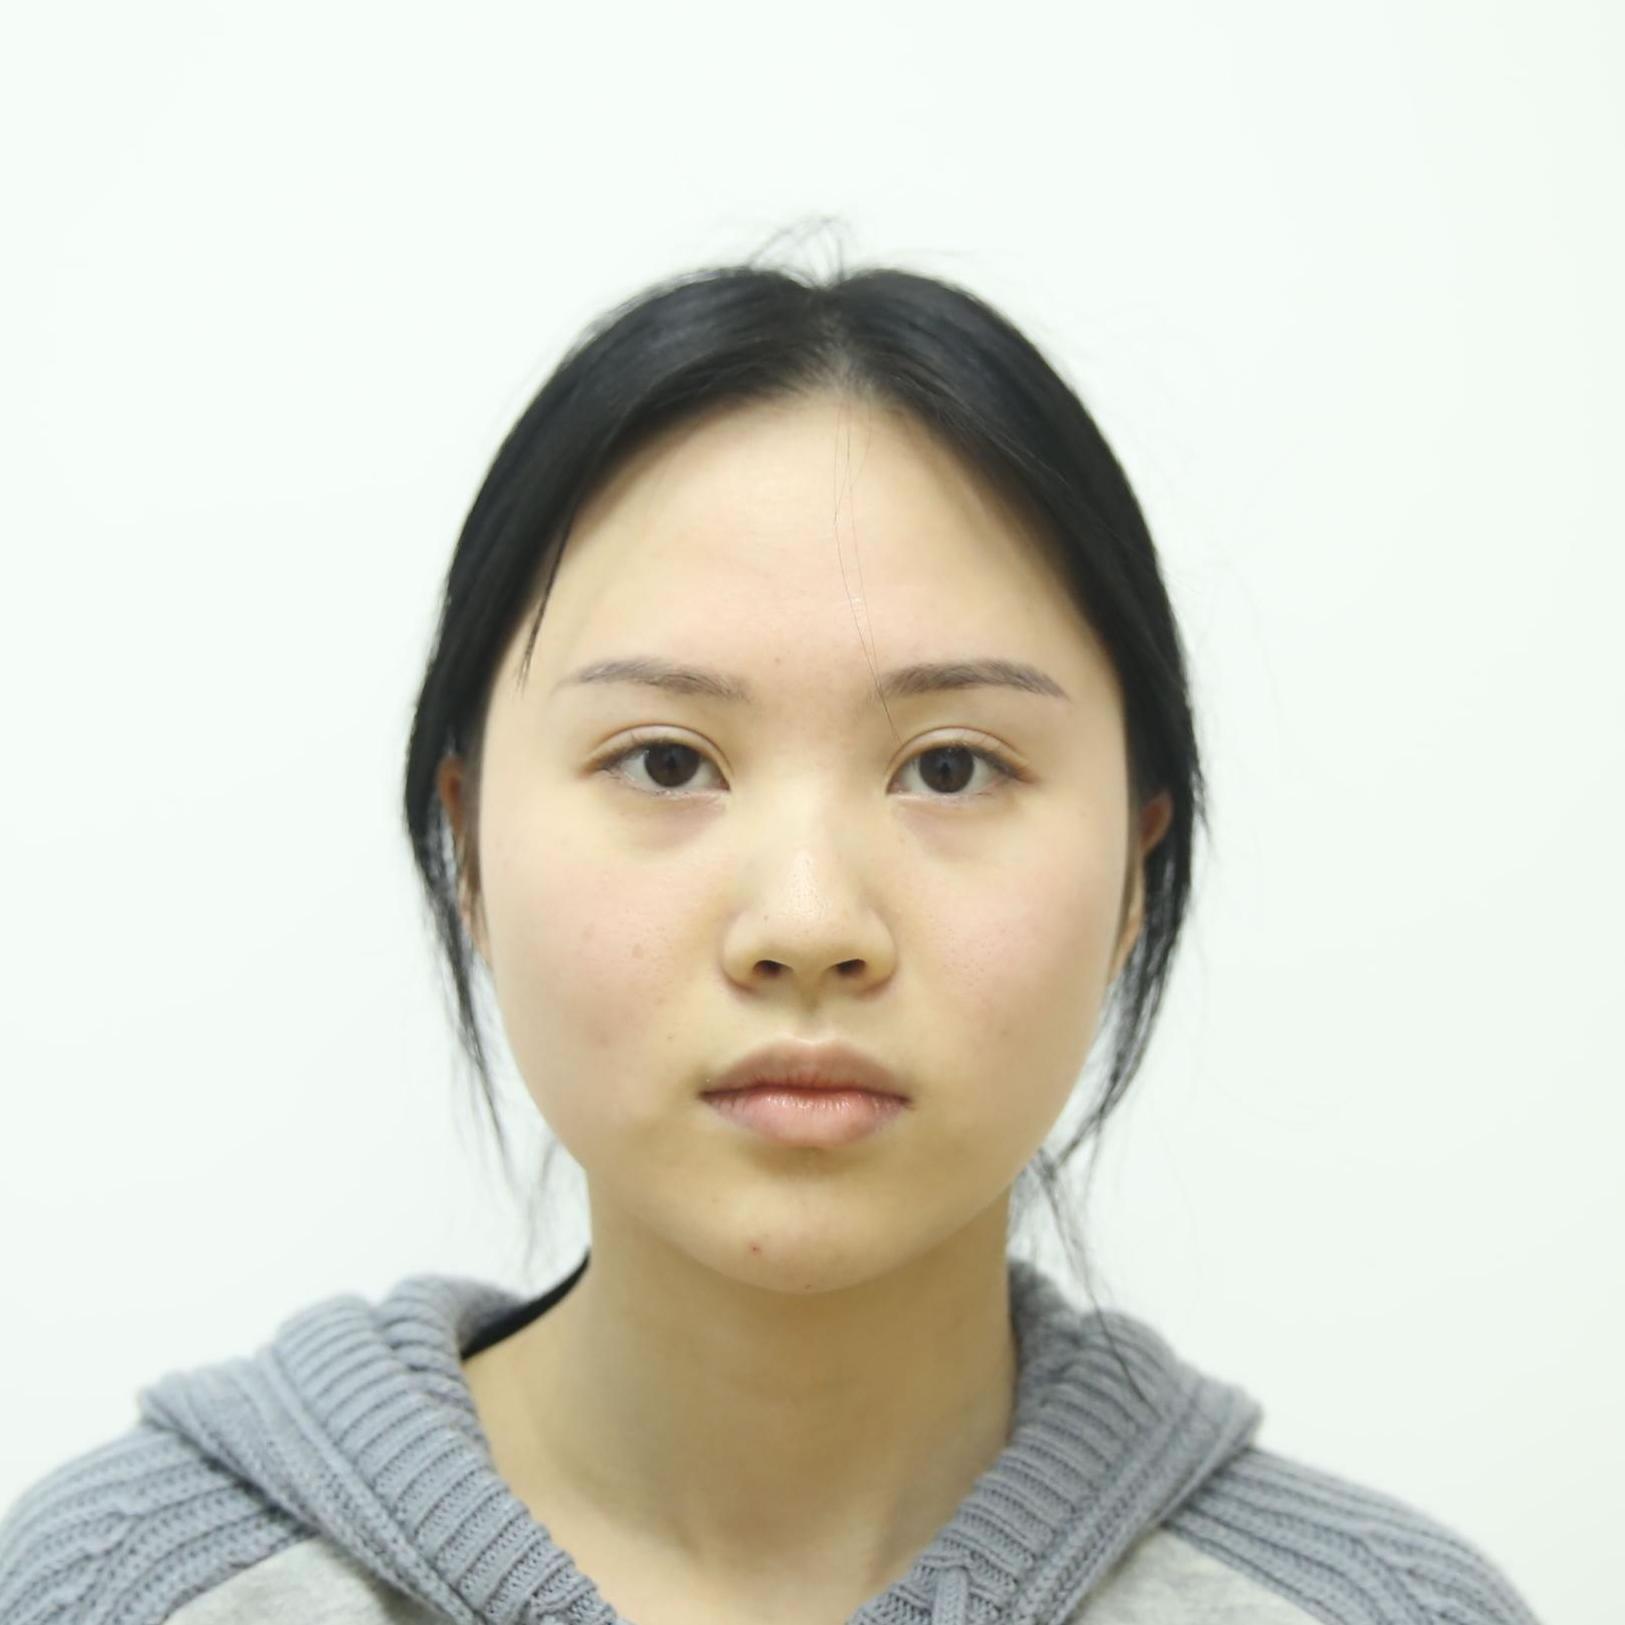 大脸的伤悲,看我到深圳恩吉娜医疗美容做哒射频溶脂瘦脸可不可